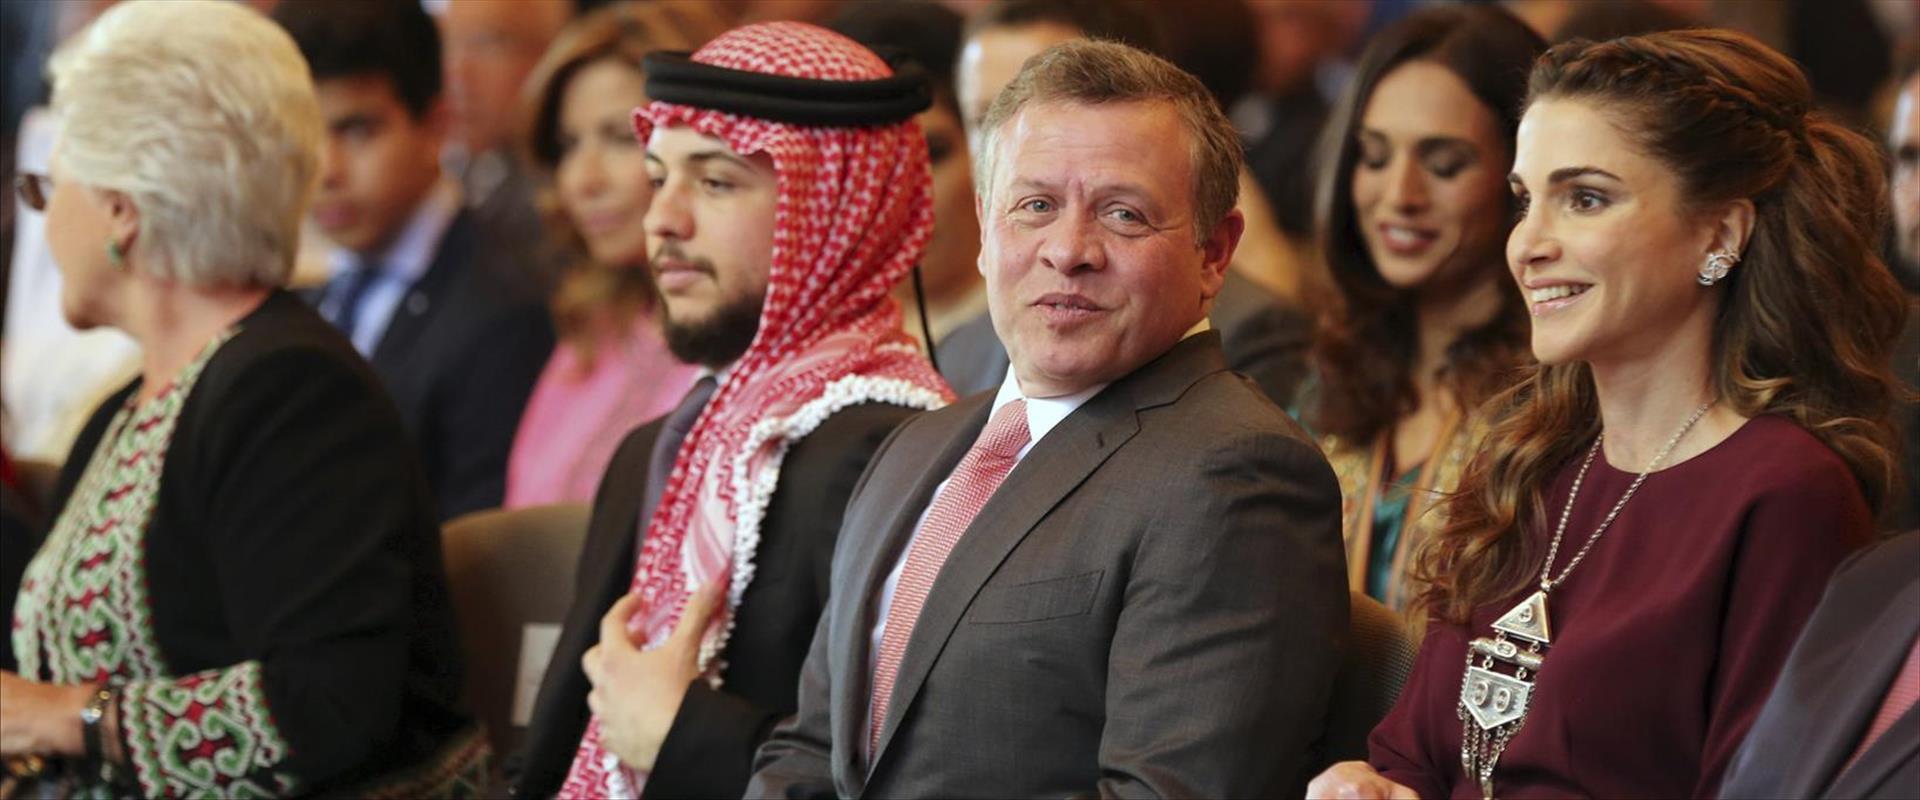 הנסיך הירדני חוסיין יחד עם אביו המלך עבדאללה